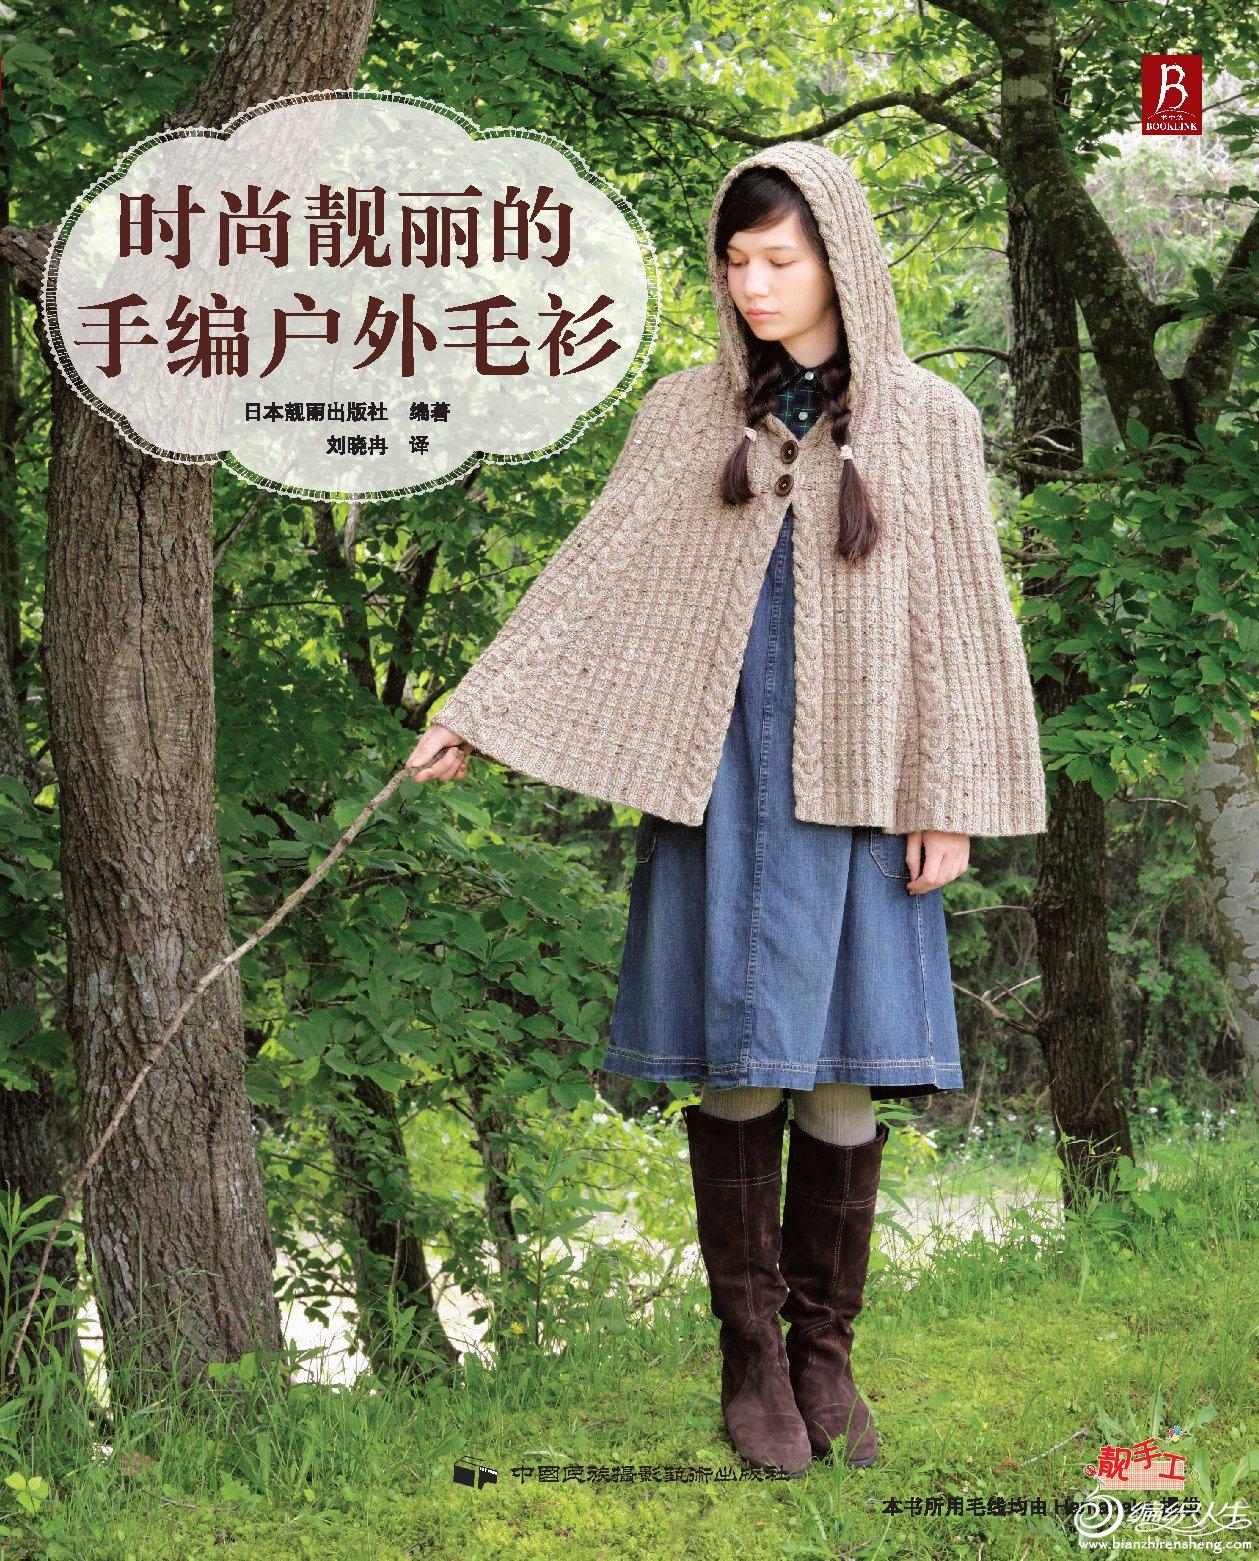 时尚靓丽的手编户外毛衫 小可爱_页面_01.jpg